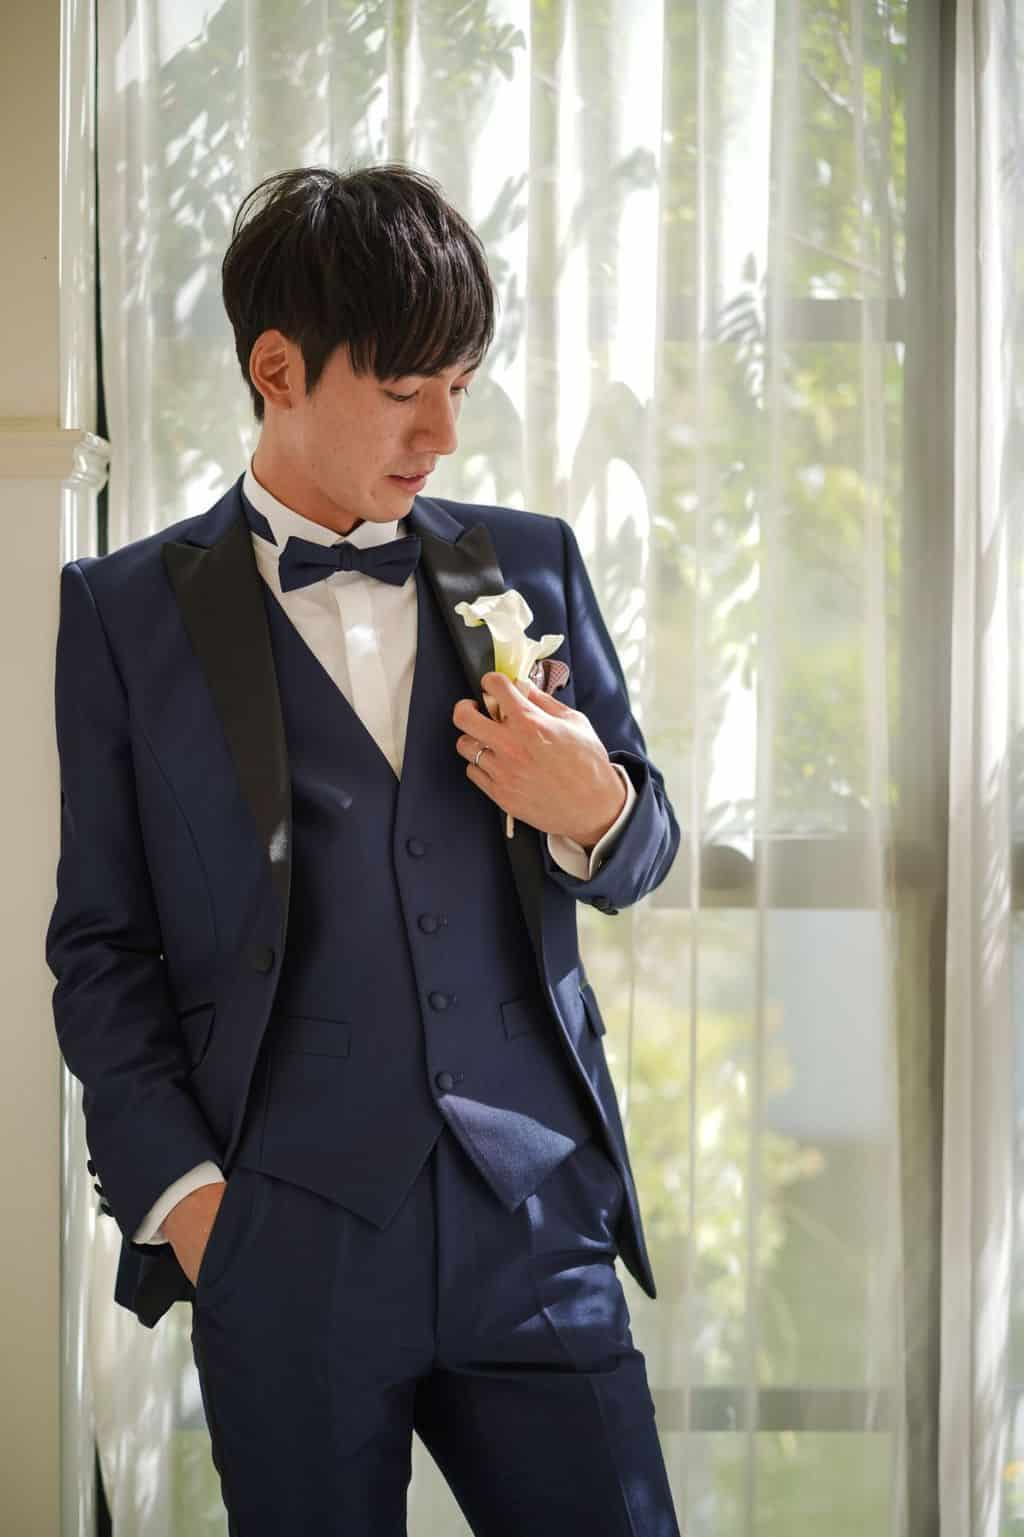 【結婚式】新郎の髪型人気特集*顔型別、服装別おしゃれなヘアスタイルのカバー写真 1.5009765625